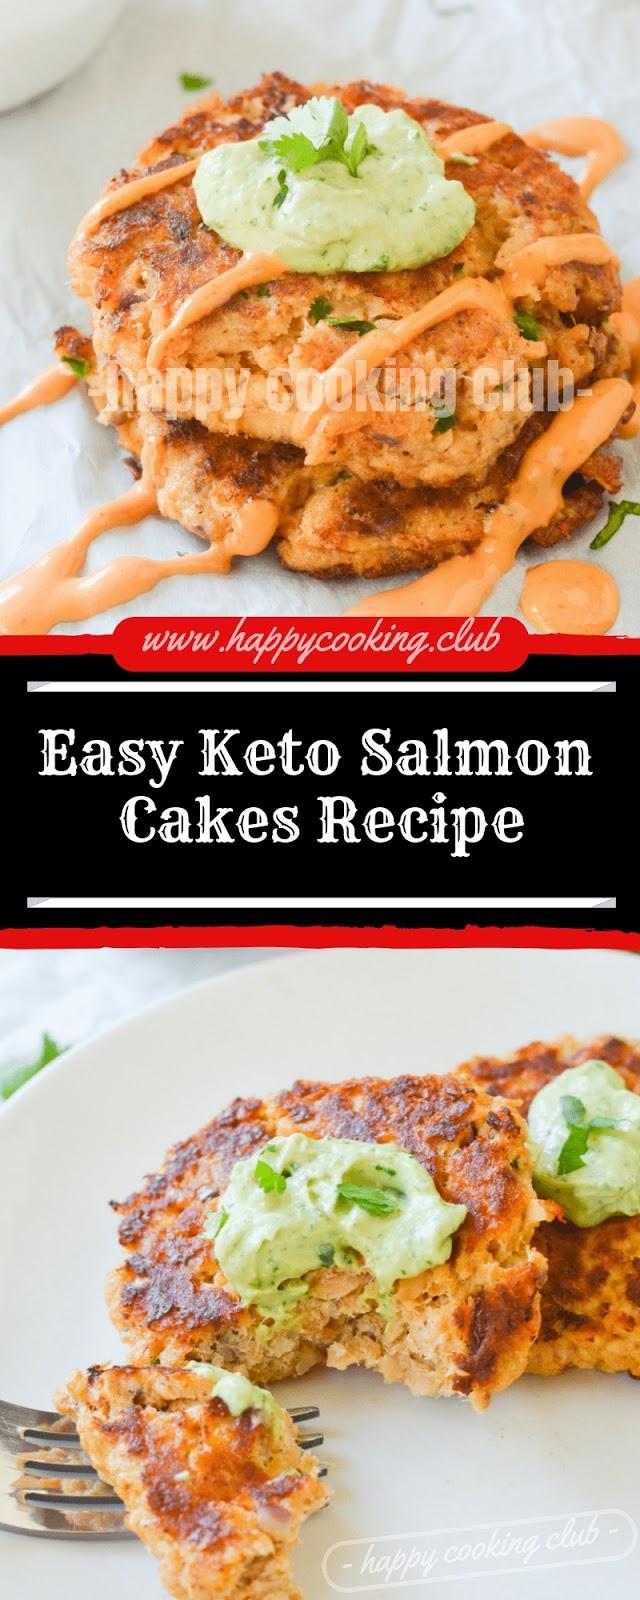 Easy Keto Salmon Cakes Recipe